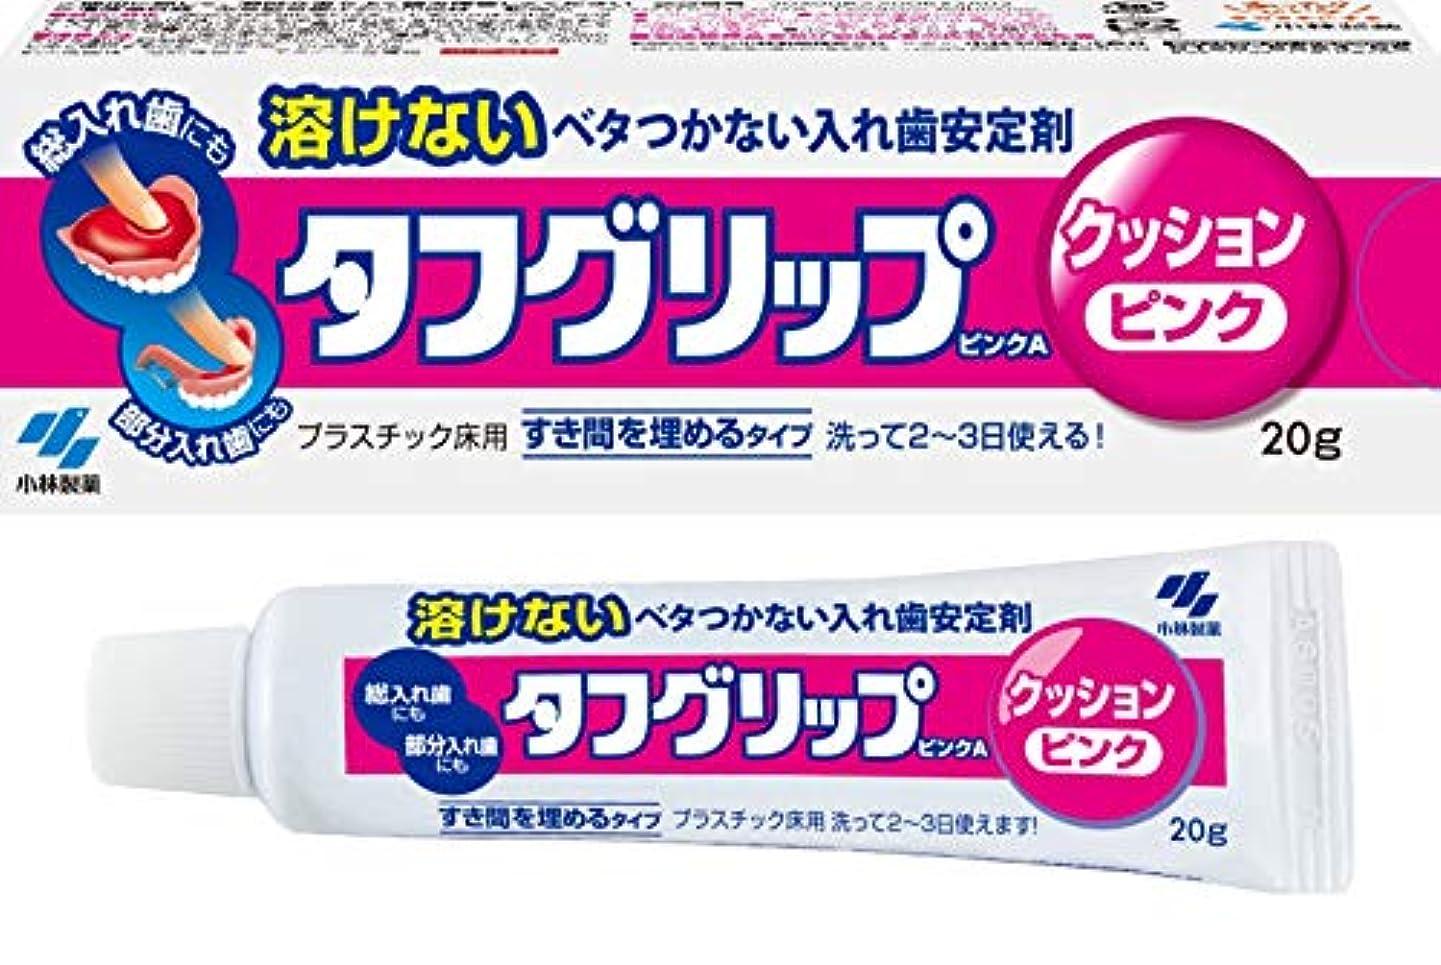 意志金額雇用者タフグリップクッション ピンク 入れ歯安定剤(総入れ歯?部分入れ歯) 20g